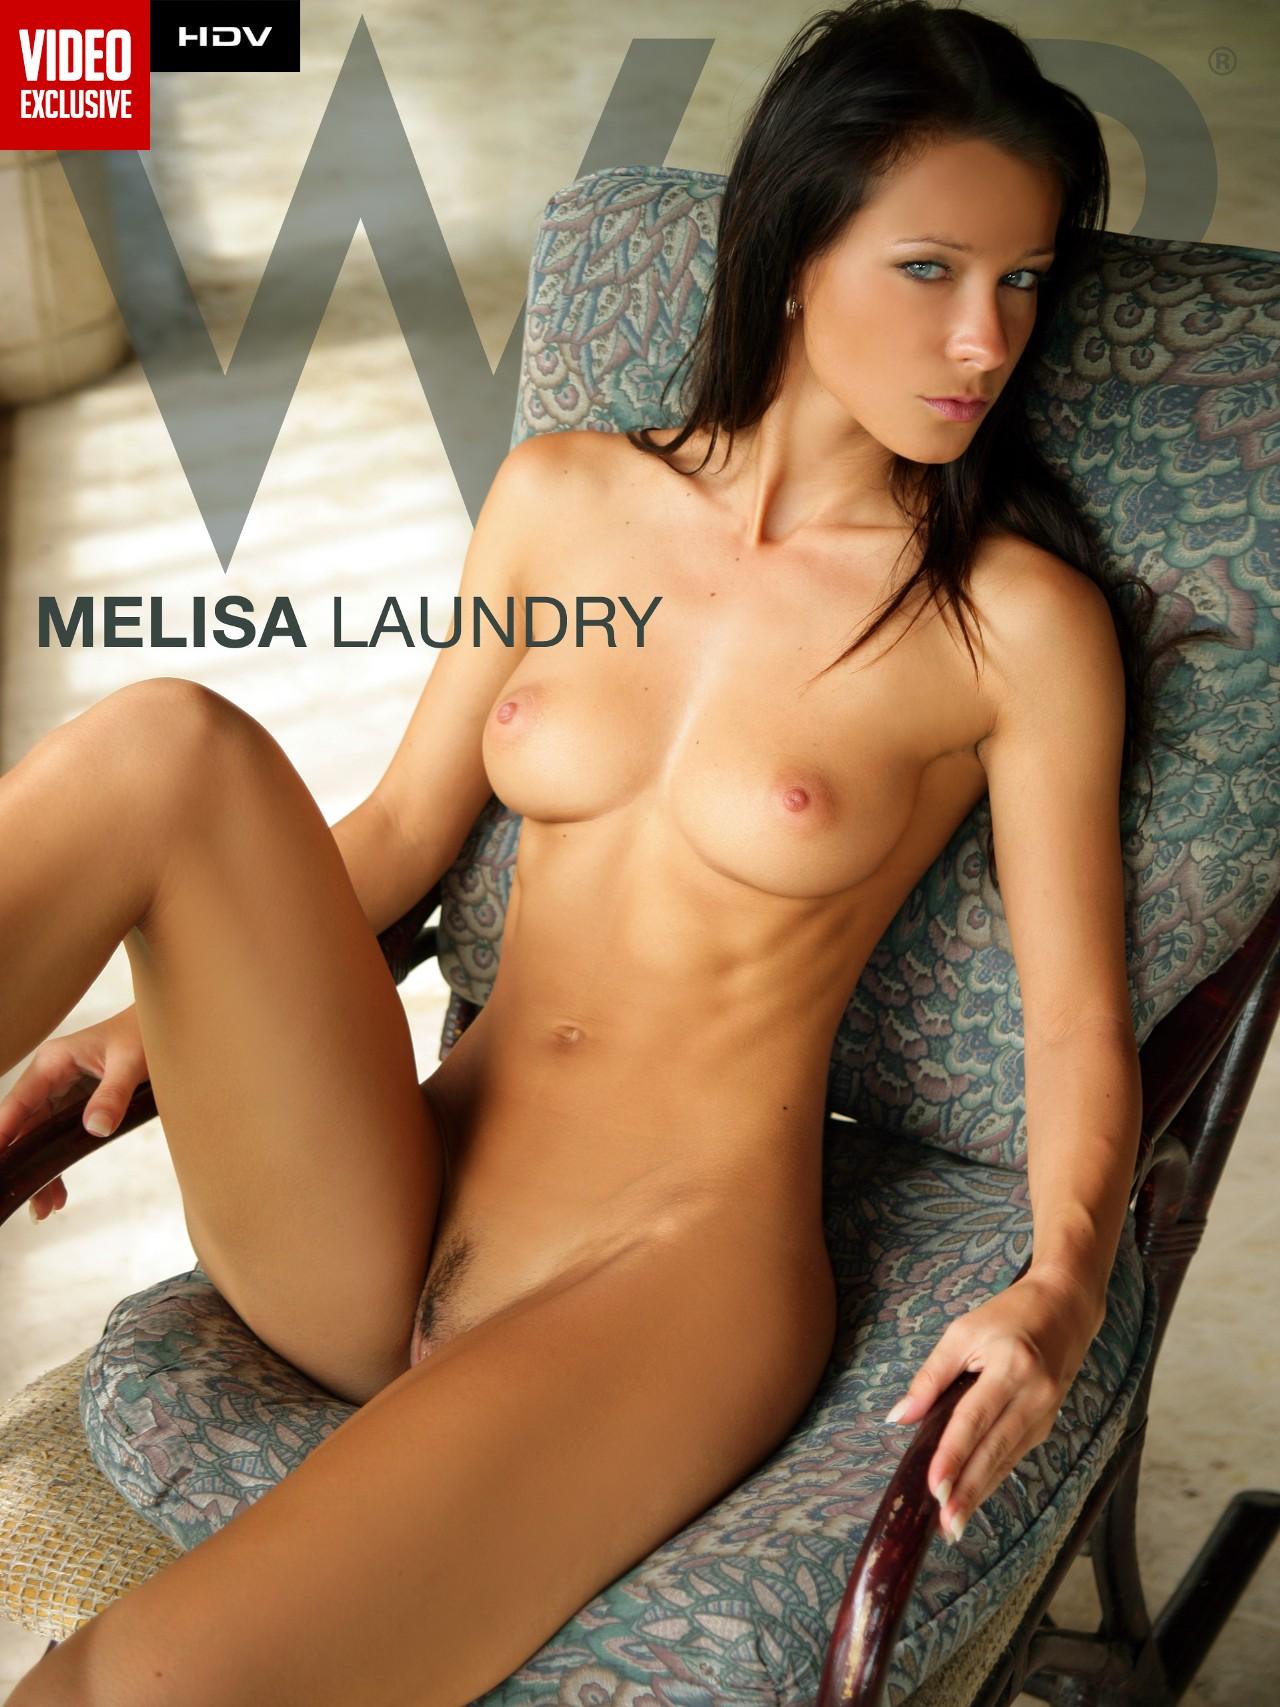 Melisa: Laundry